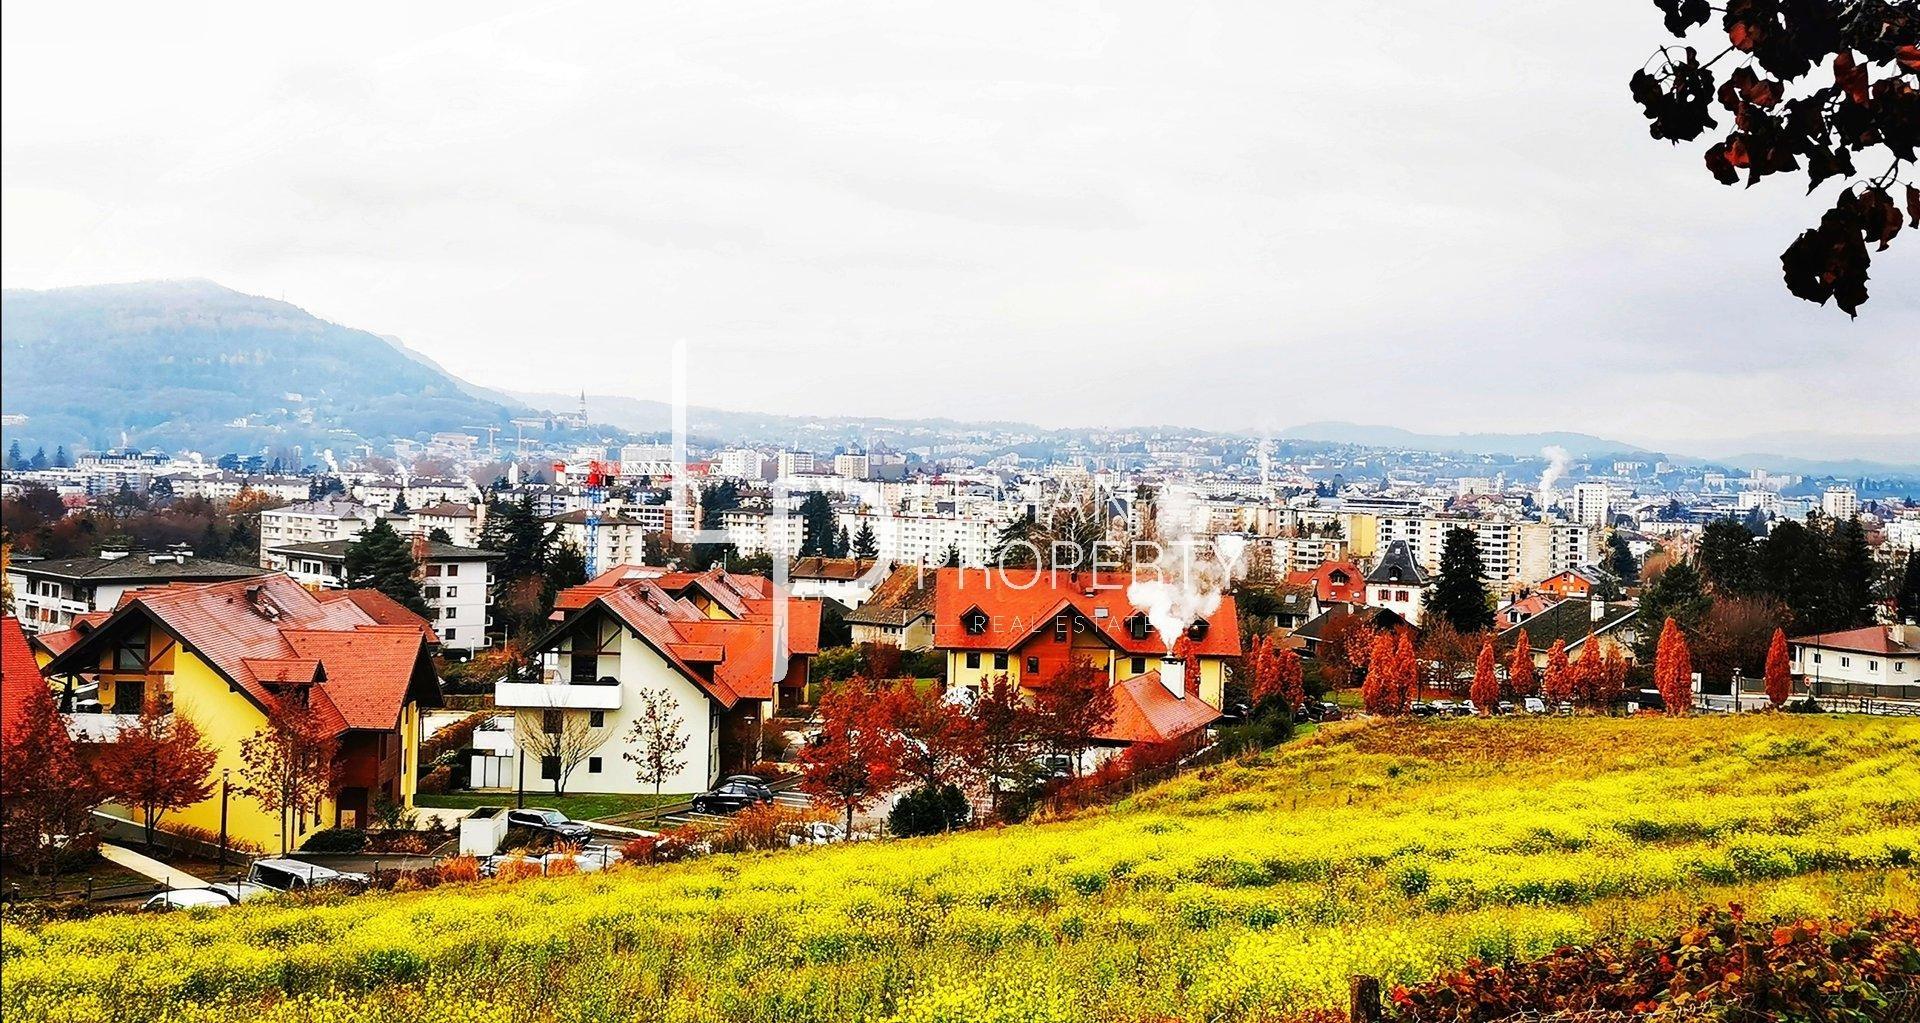 Vente de appartement à Annecy au prix de 453000€